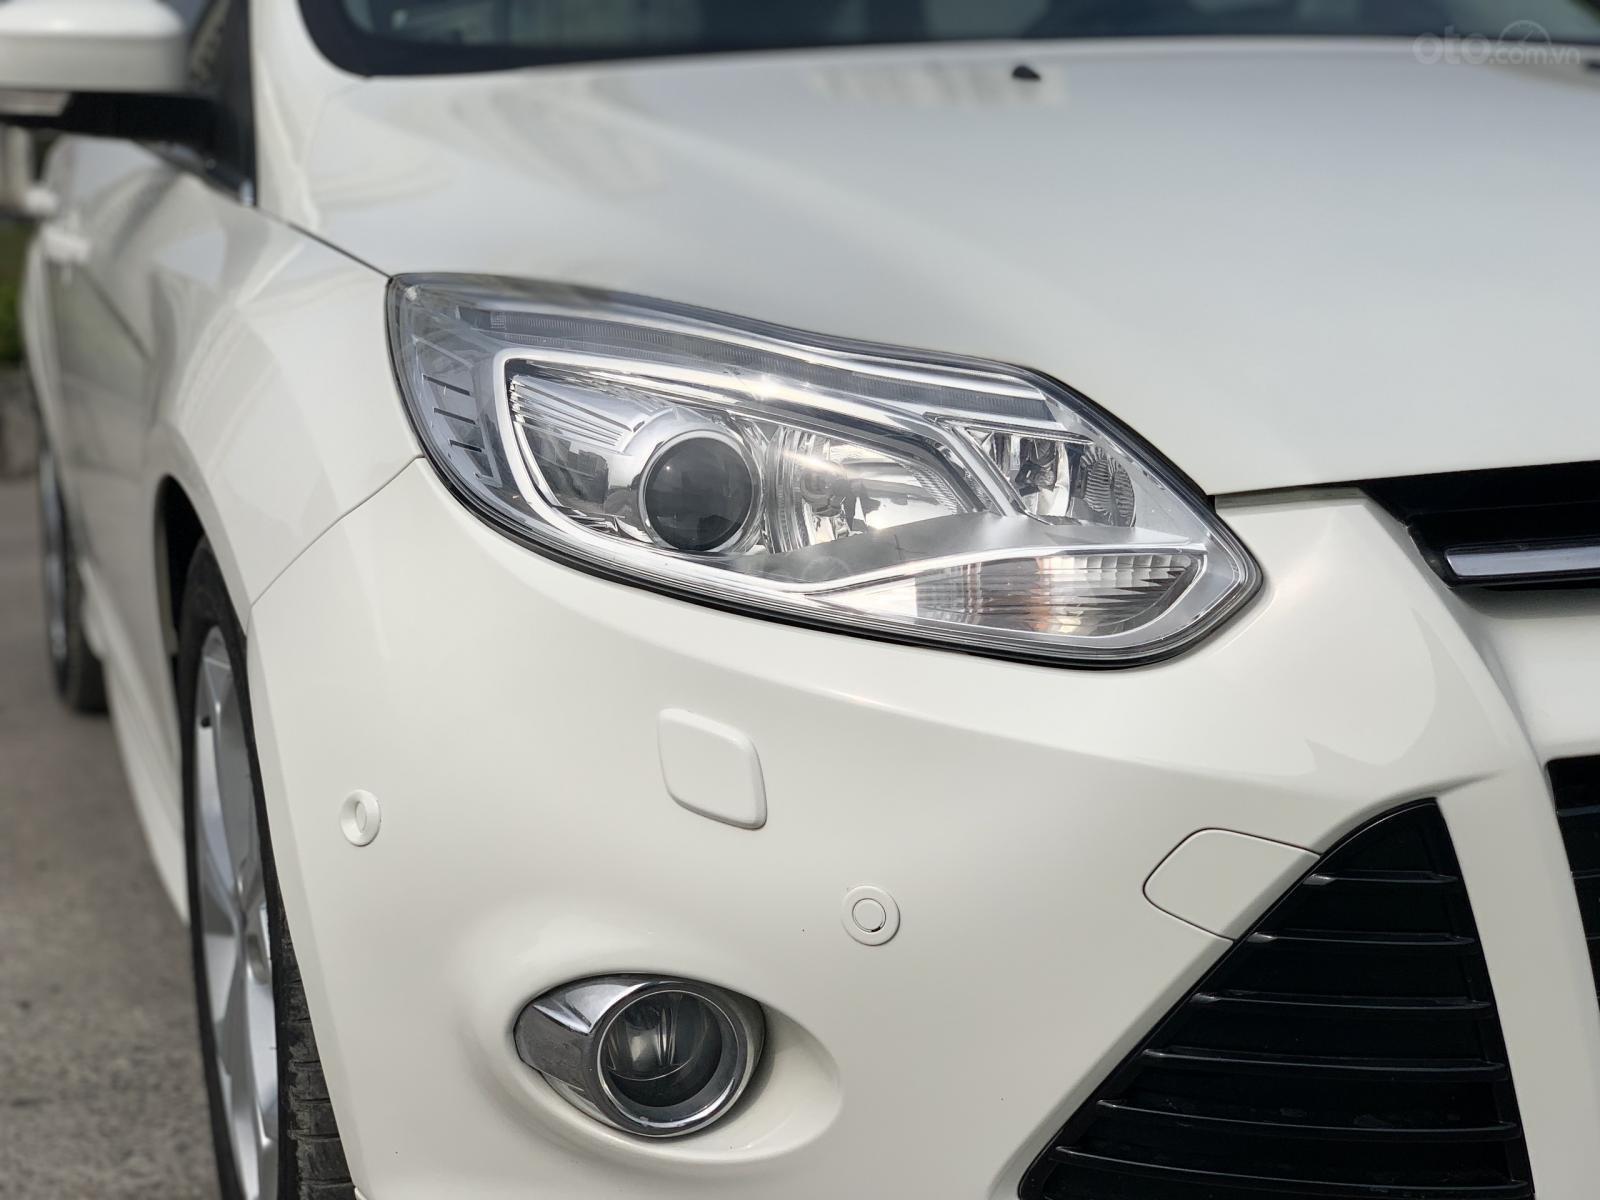 Ford Focus 2.0S 2014 đẹp như mới, 1 chủ từ đầu (4)